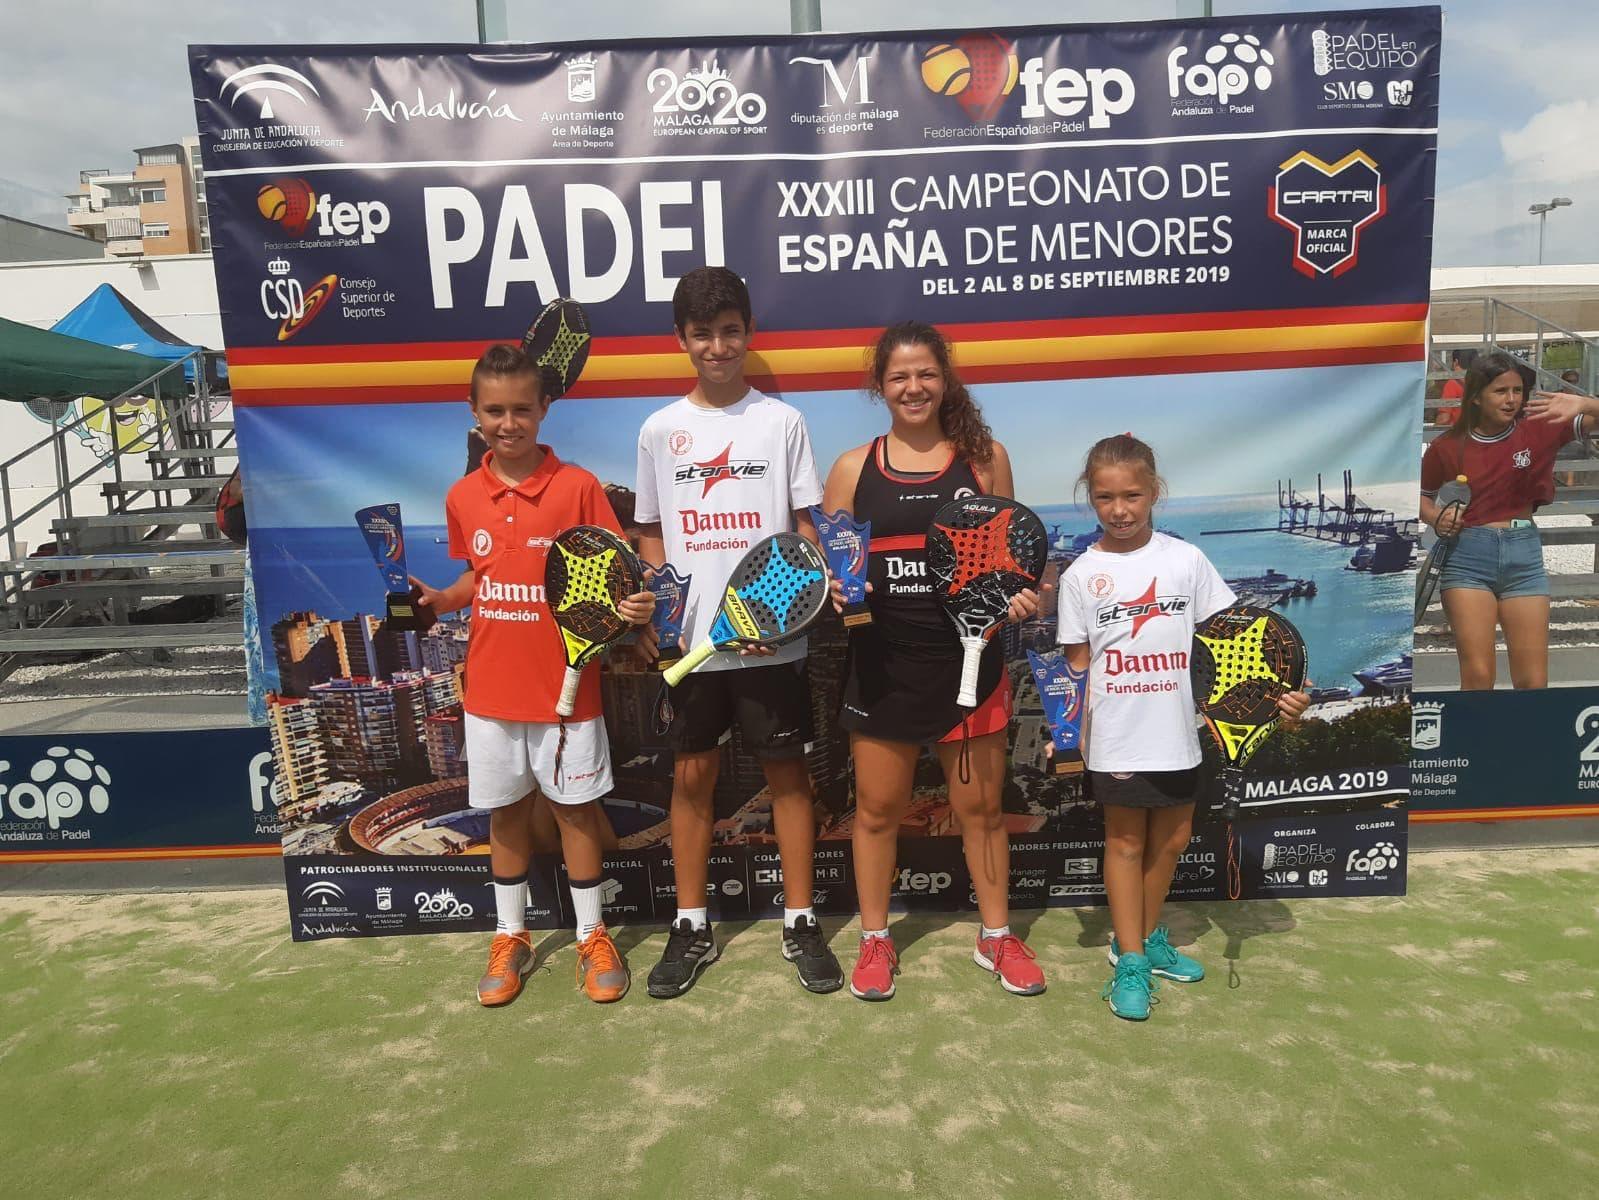 ganadores-cpdamm-campeonato-de-espana-menores